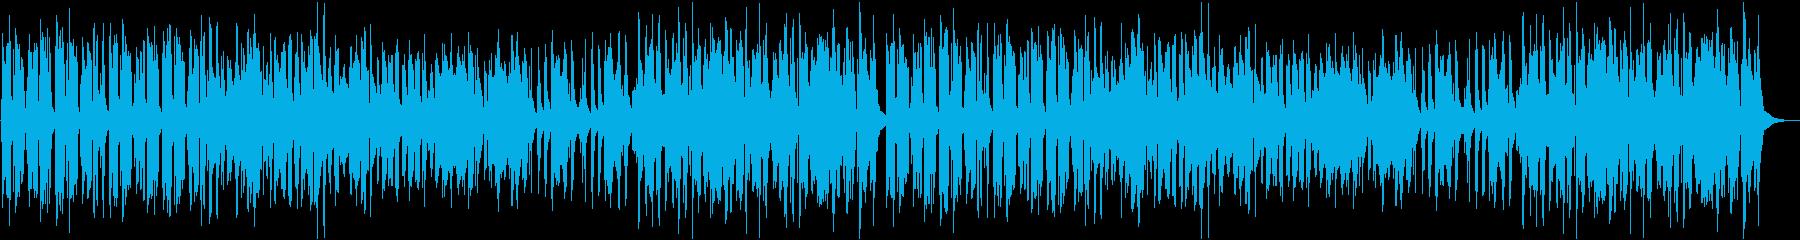 のんびり楽しい和風曲の再生済みの波形